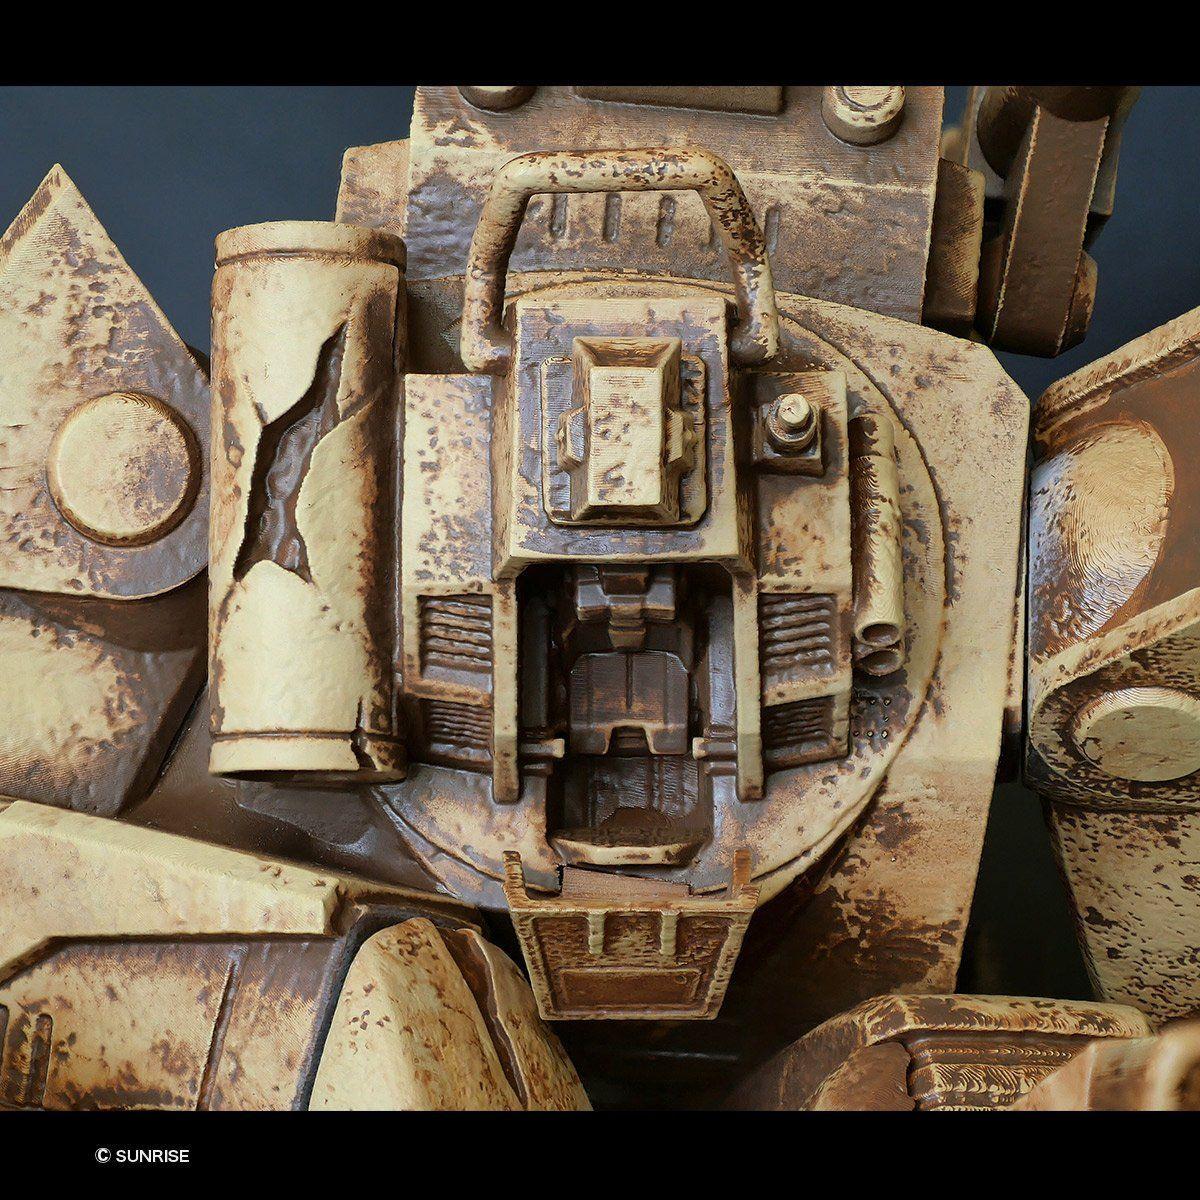 【限定販売】ジャンボソフビフィギュアImagination『朽ち果てたダグラム』太陽の牙ダグラム フィギュア-008